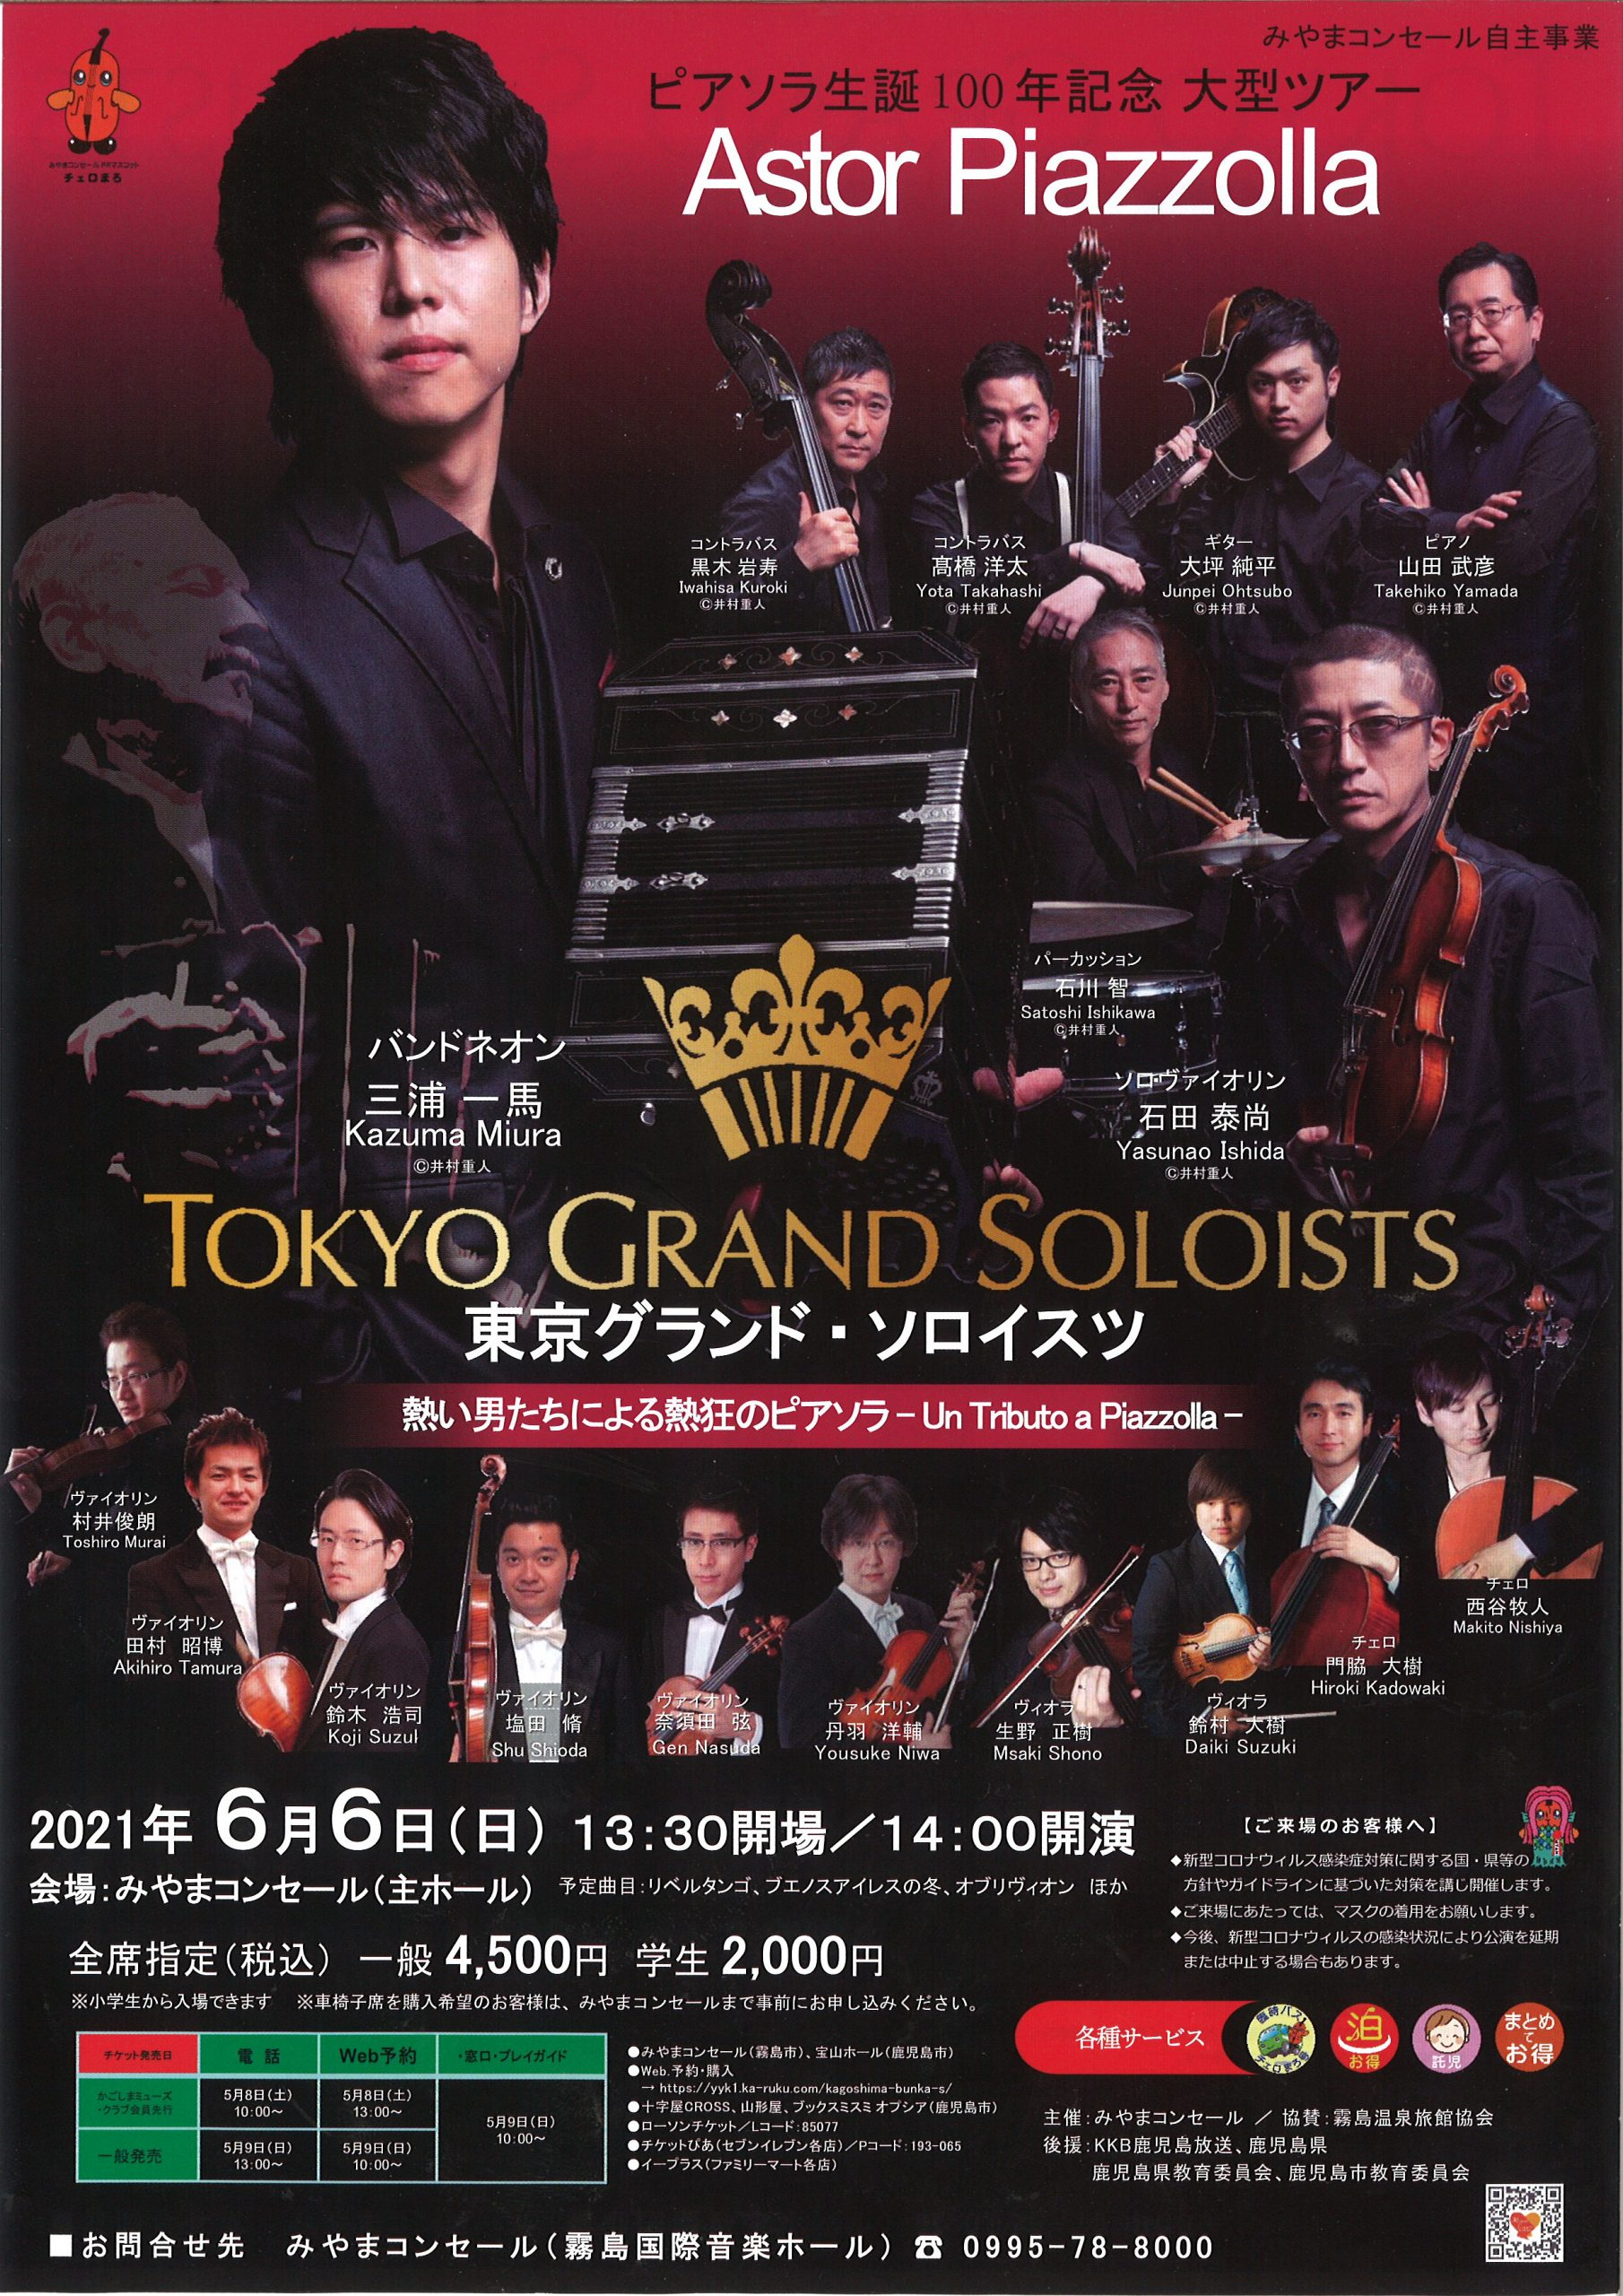 東京グランド・ソロイスツ 熱い男たちによる熱狂のピアソラ ―Un Tributo a Piazzolla―